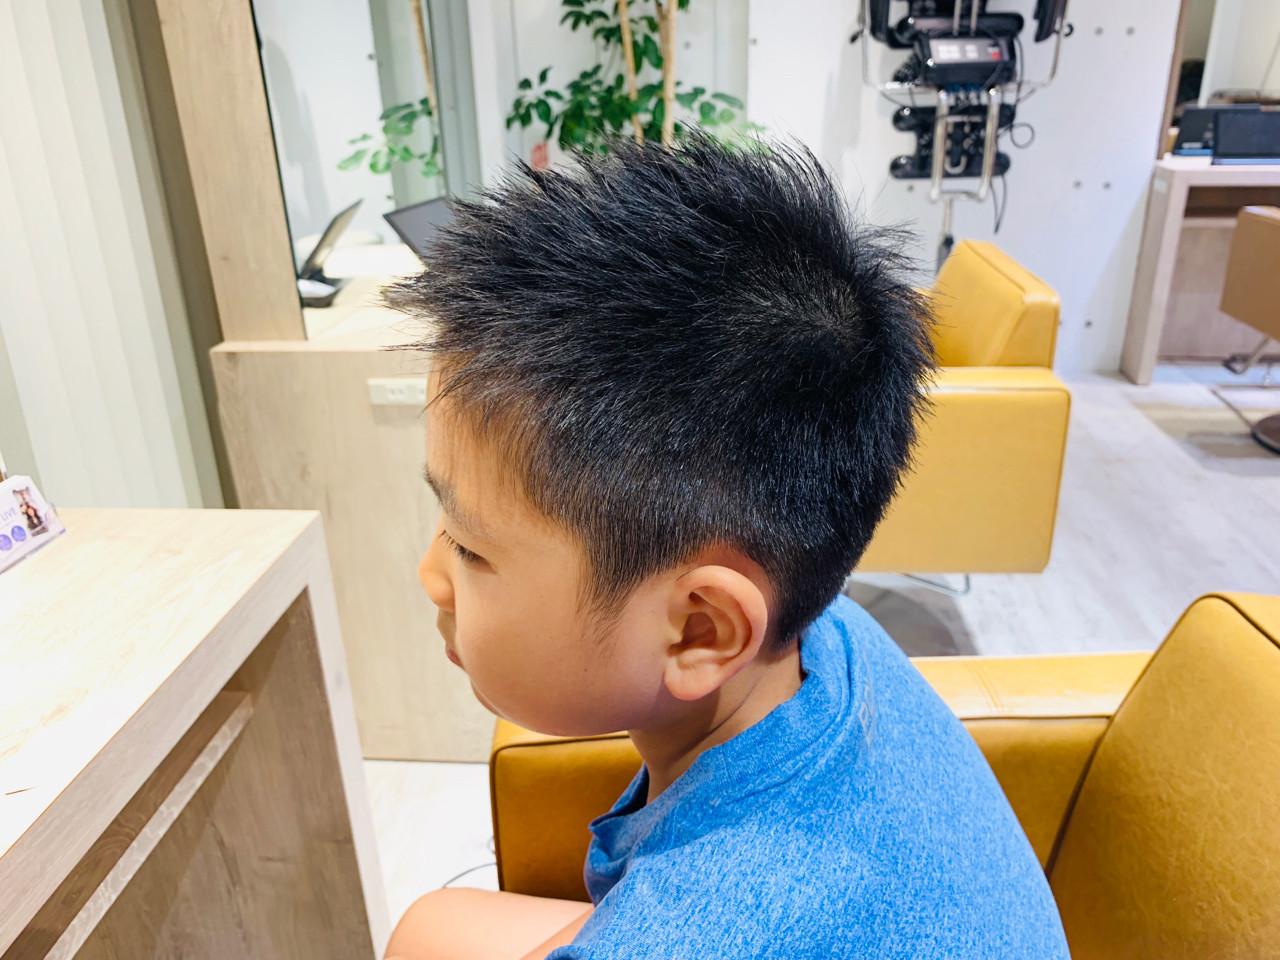 ナチュラル 子供 ショート ヘアスタイルや髪型の写真・画像